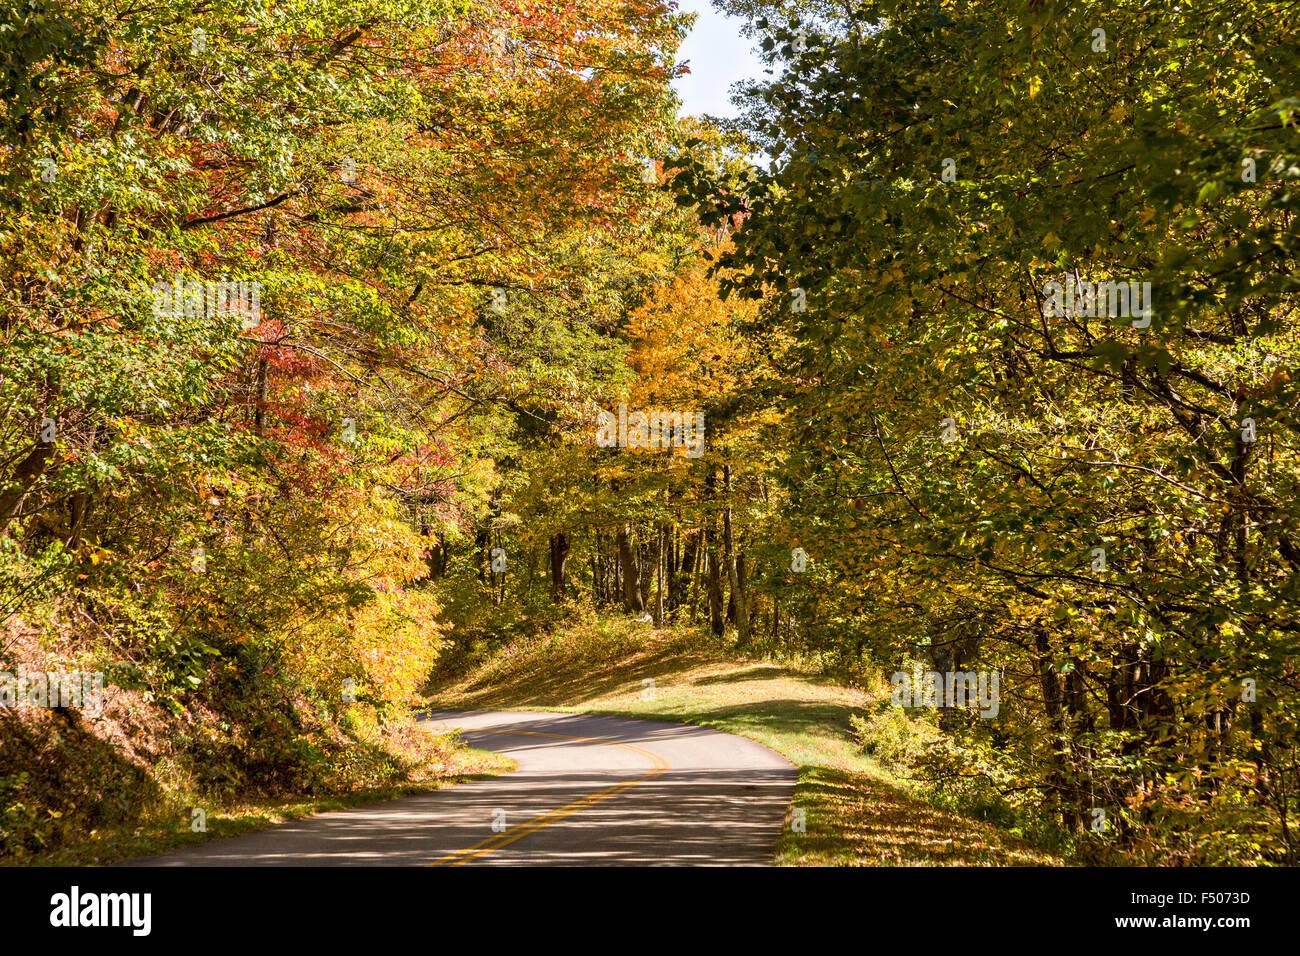 autumn foliage along the